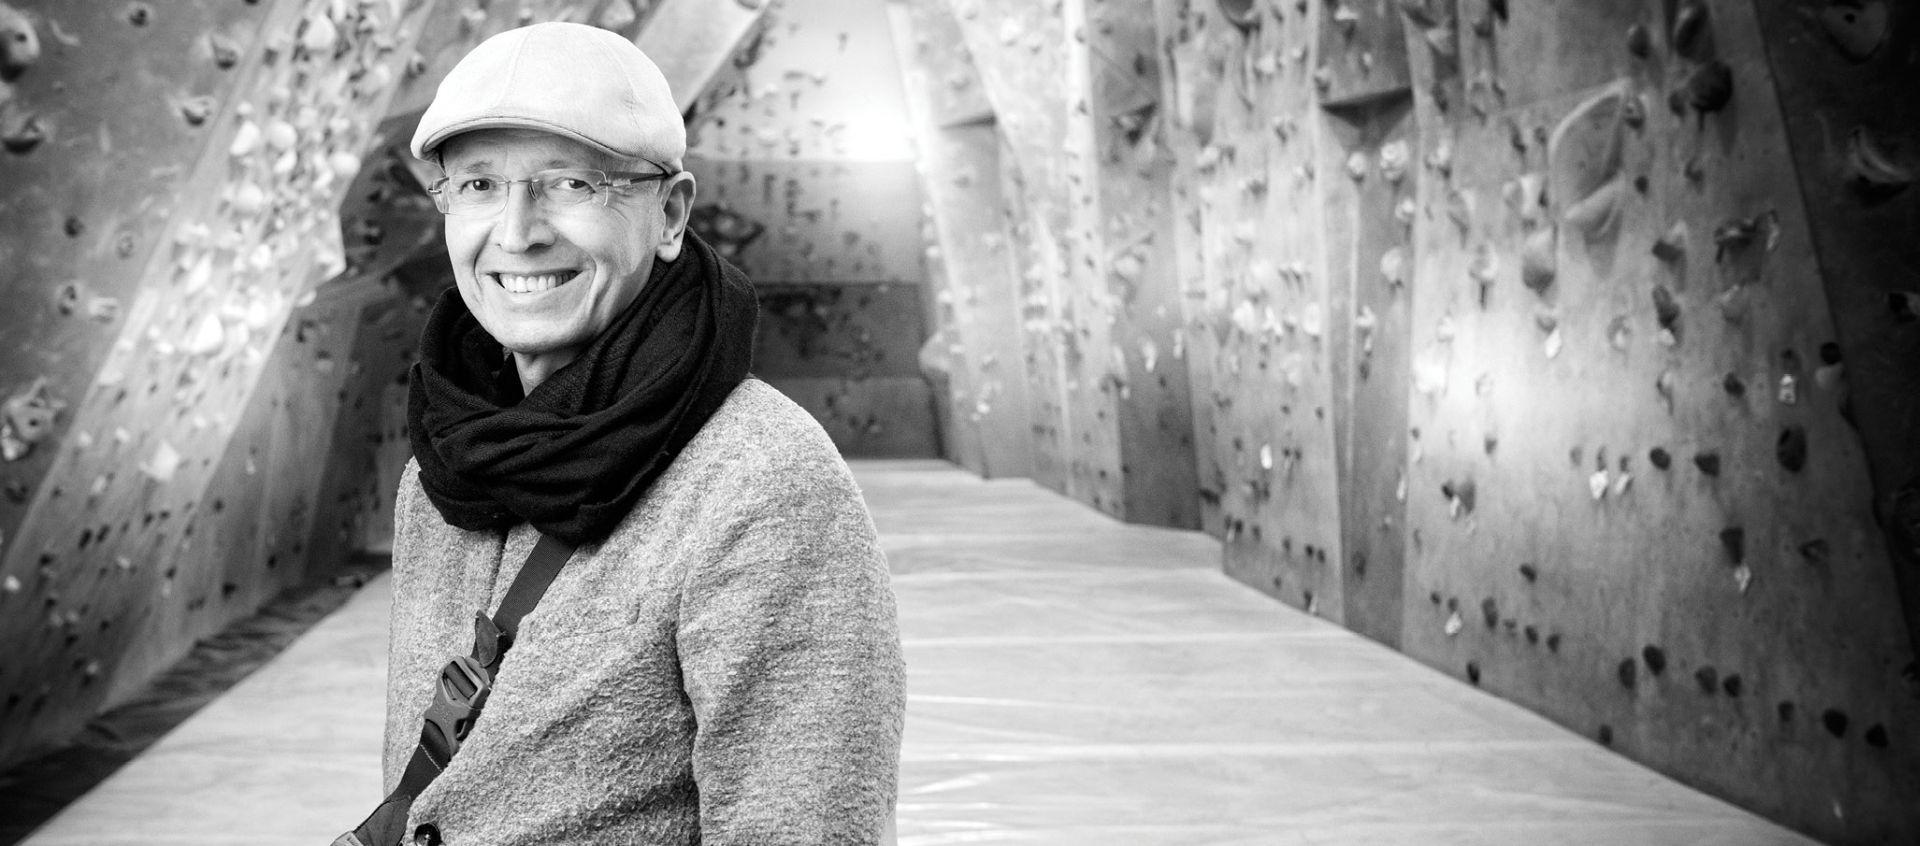 Hrvatski arhitekt predstavlja Crnu Goru na Bijenalu u Veneciji